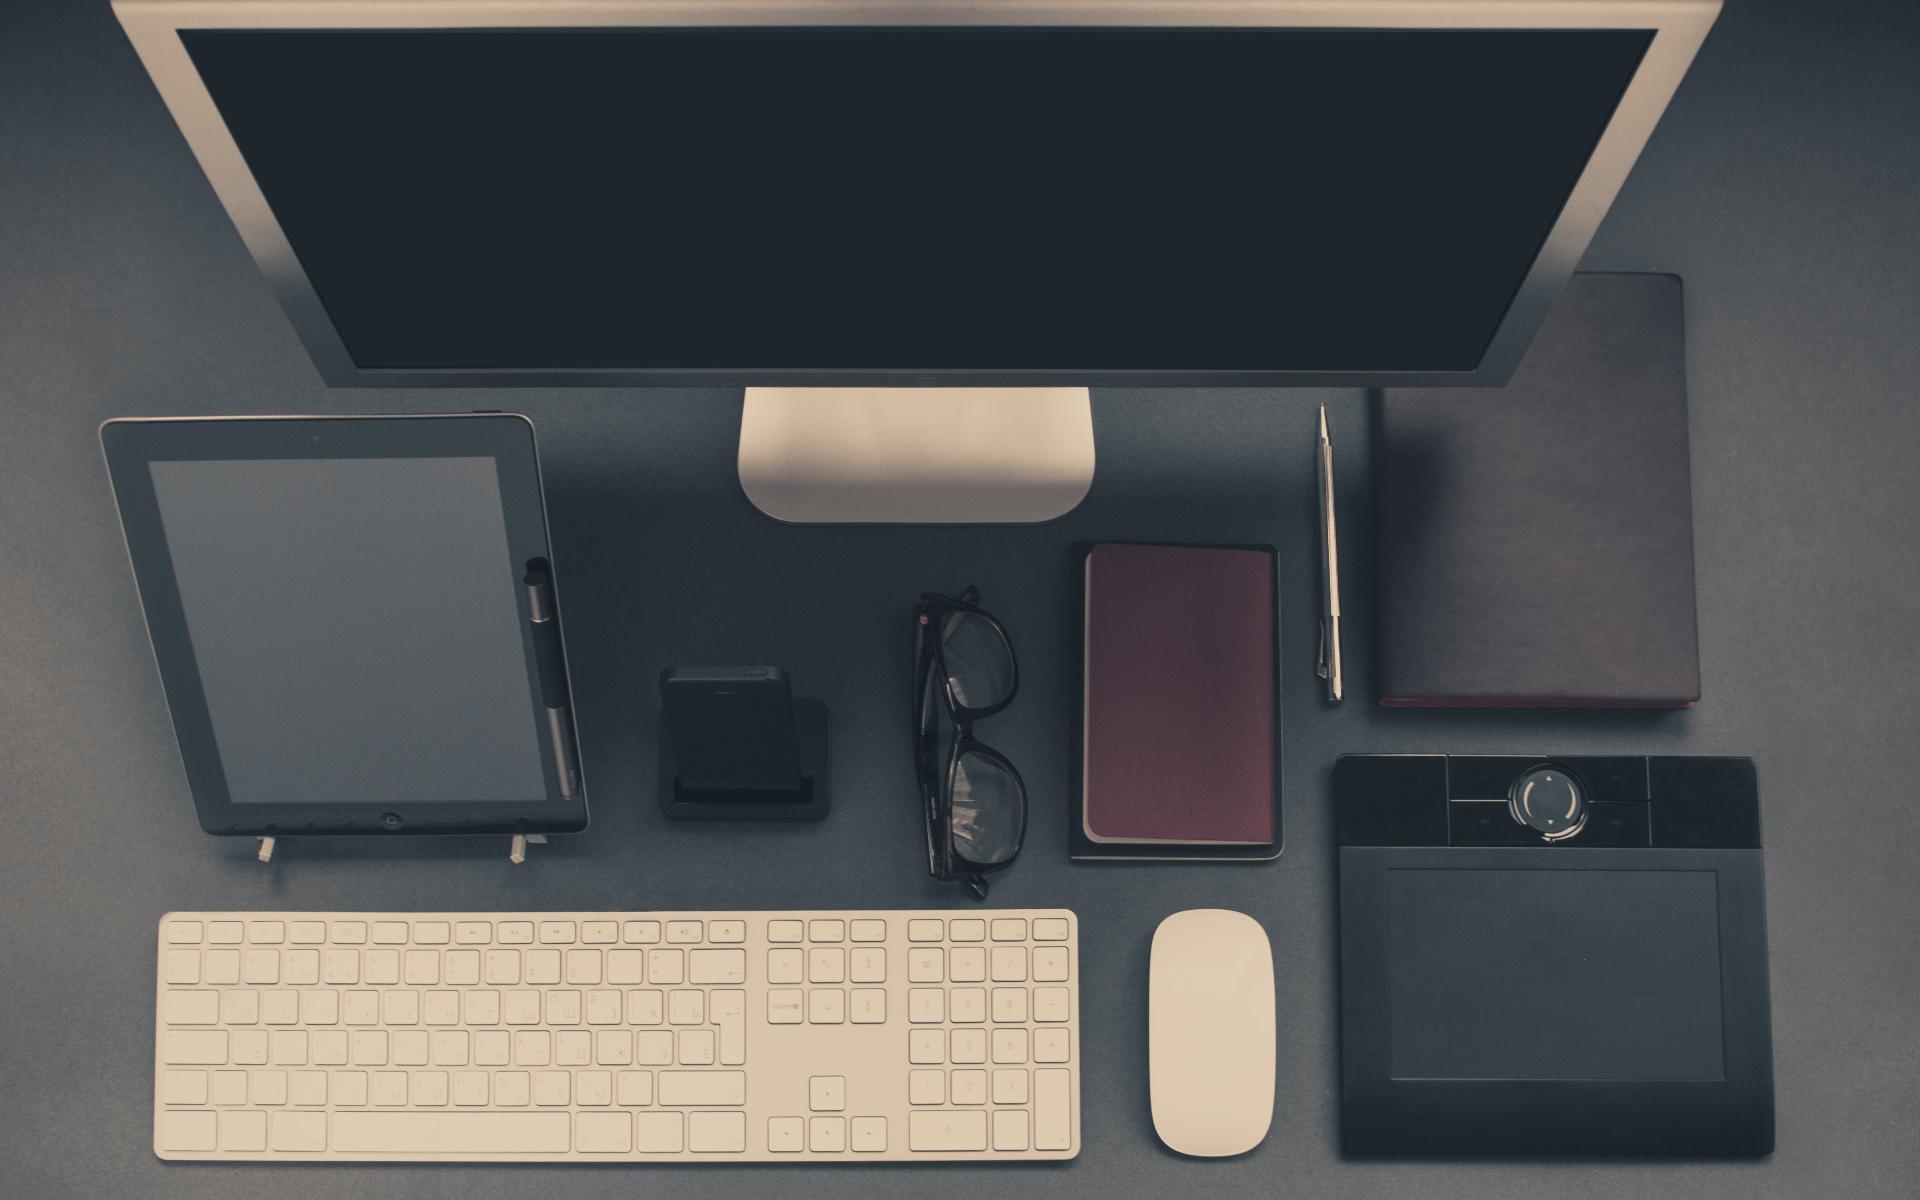 desktop_by_Vadim_Sherbakov